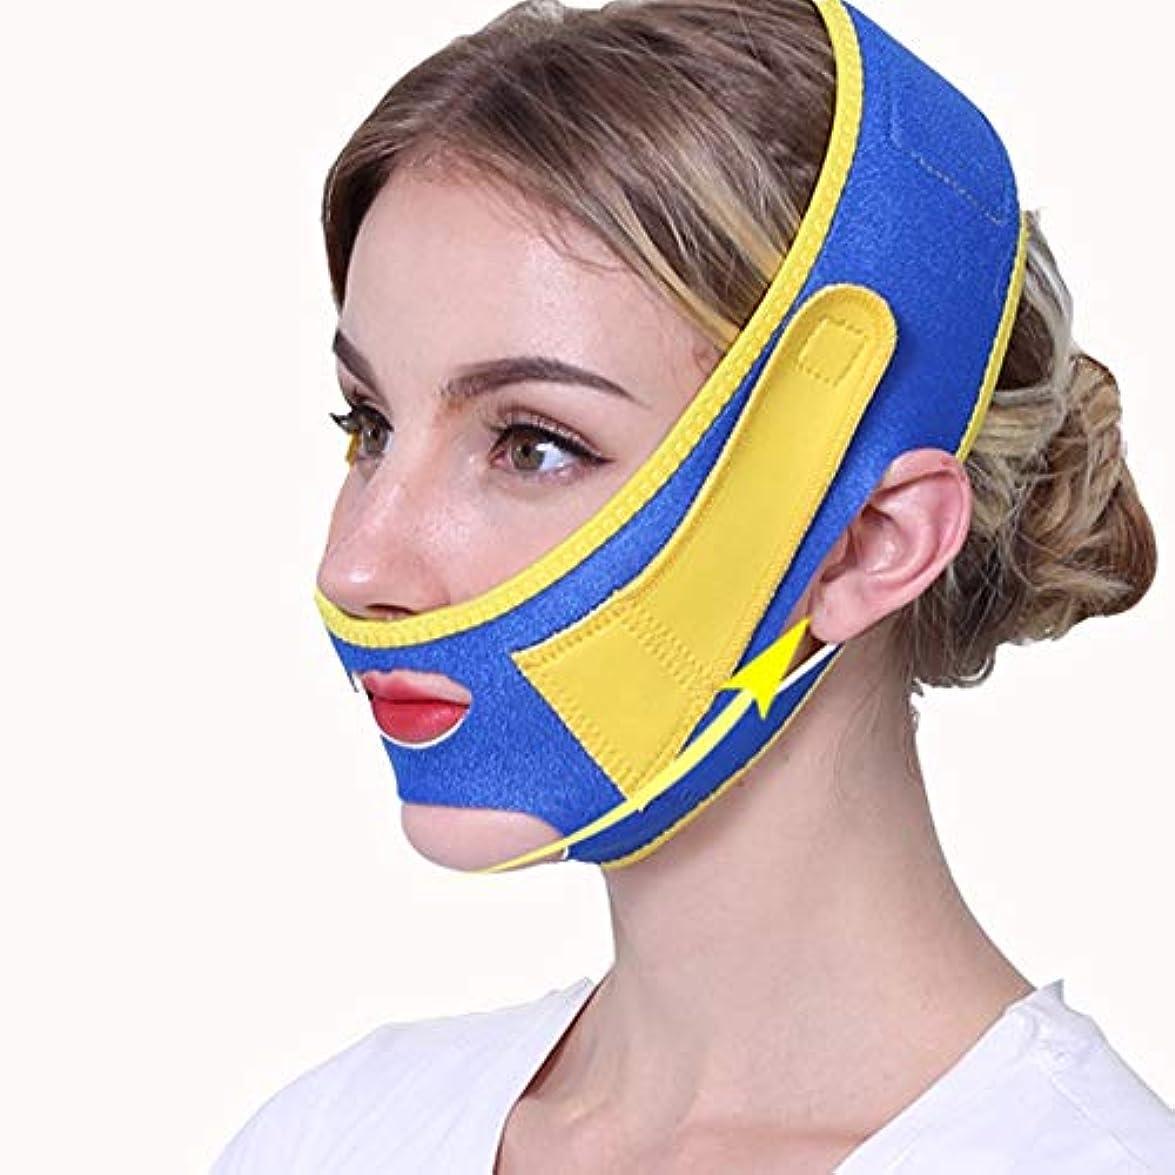 ブームダイアクリティカル批判Minmin フェイシャルリフティング痩身ベルトフェイス包帯マスク整形マスクフェイスベルトを引き締める薄型フェイス包帯整形マスクフェイスと首の顔を引き締めスリム みんみんVラインフェイスマスク